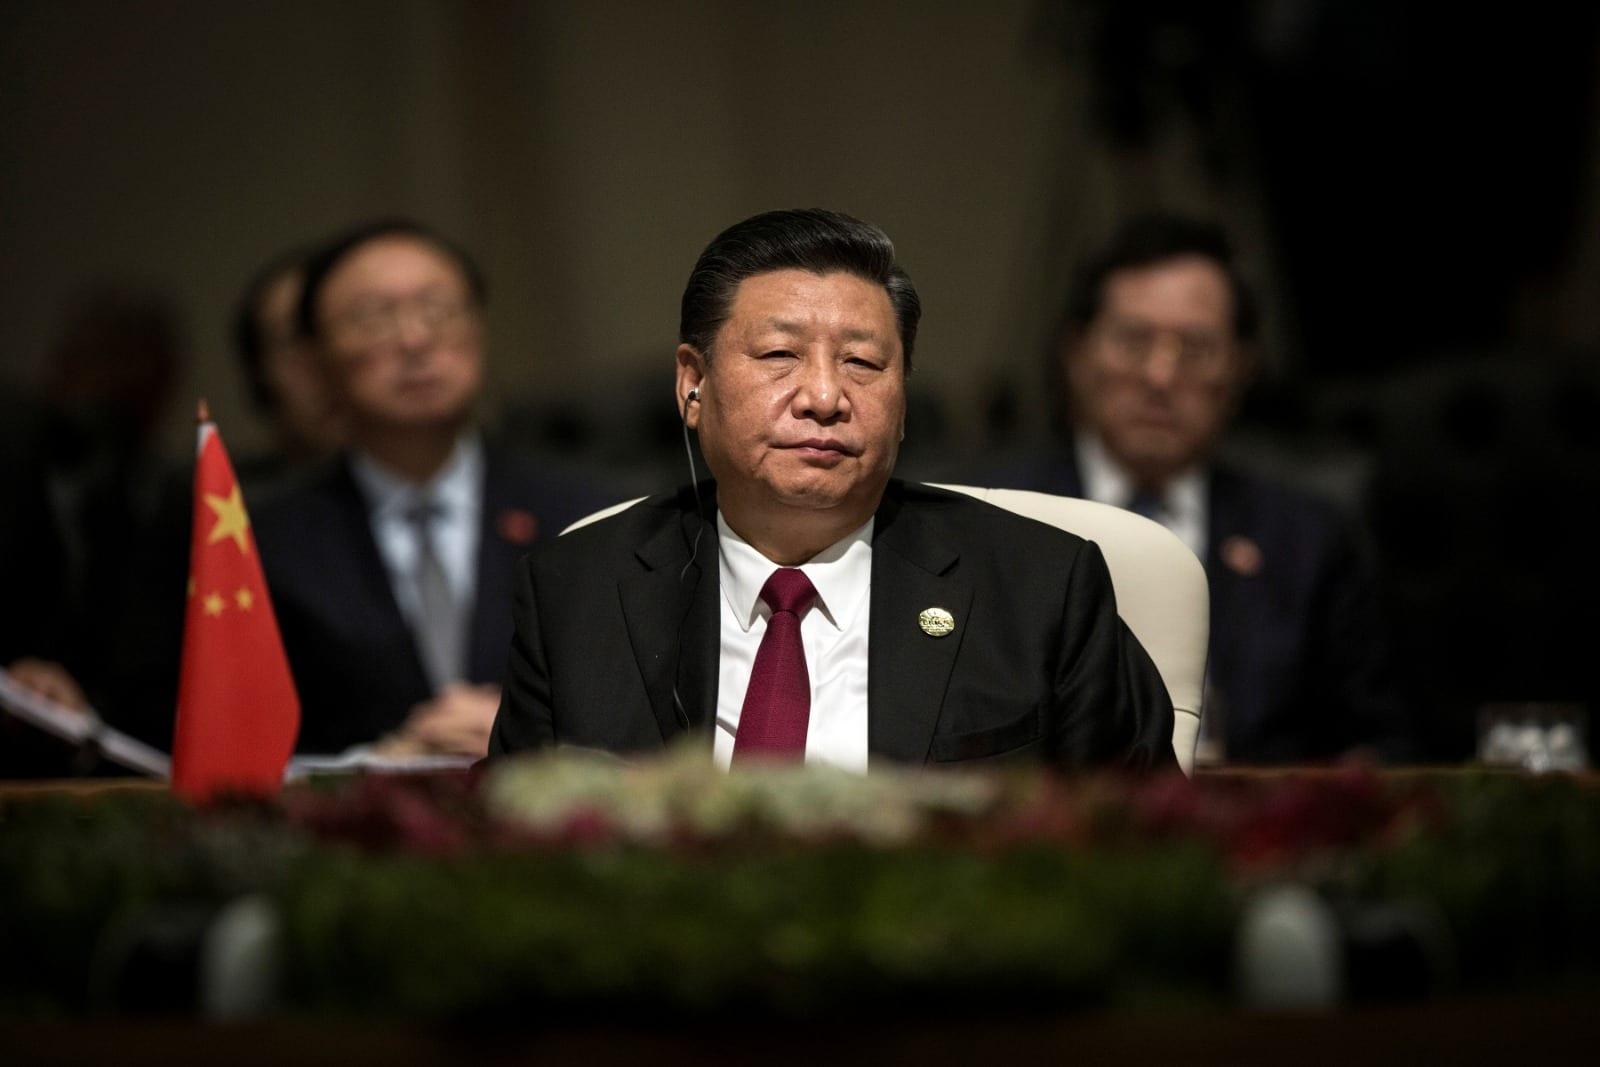 La Chine contrôle les ressources de l'Afrique, ce n'est pas de la charité